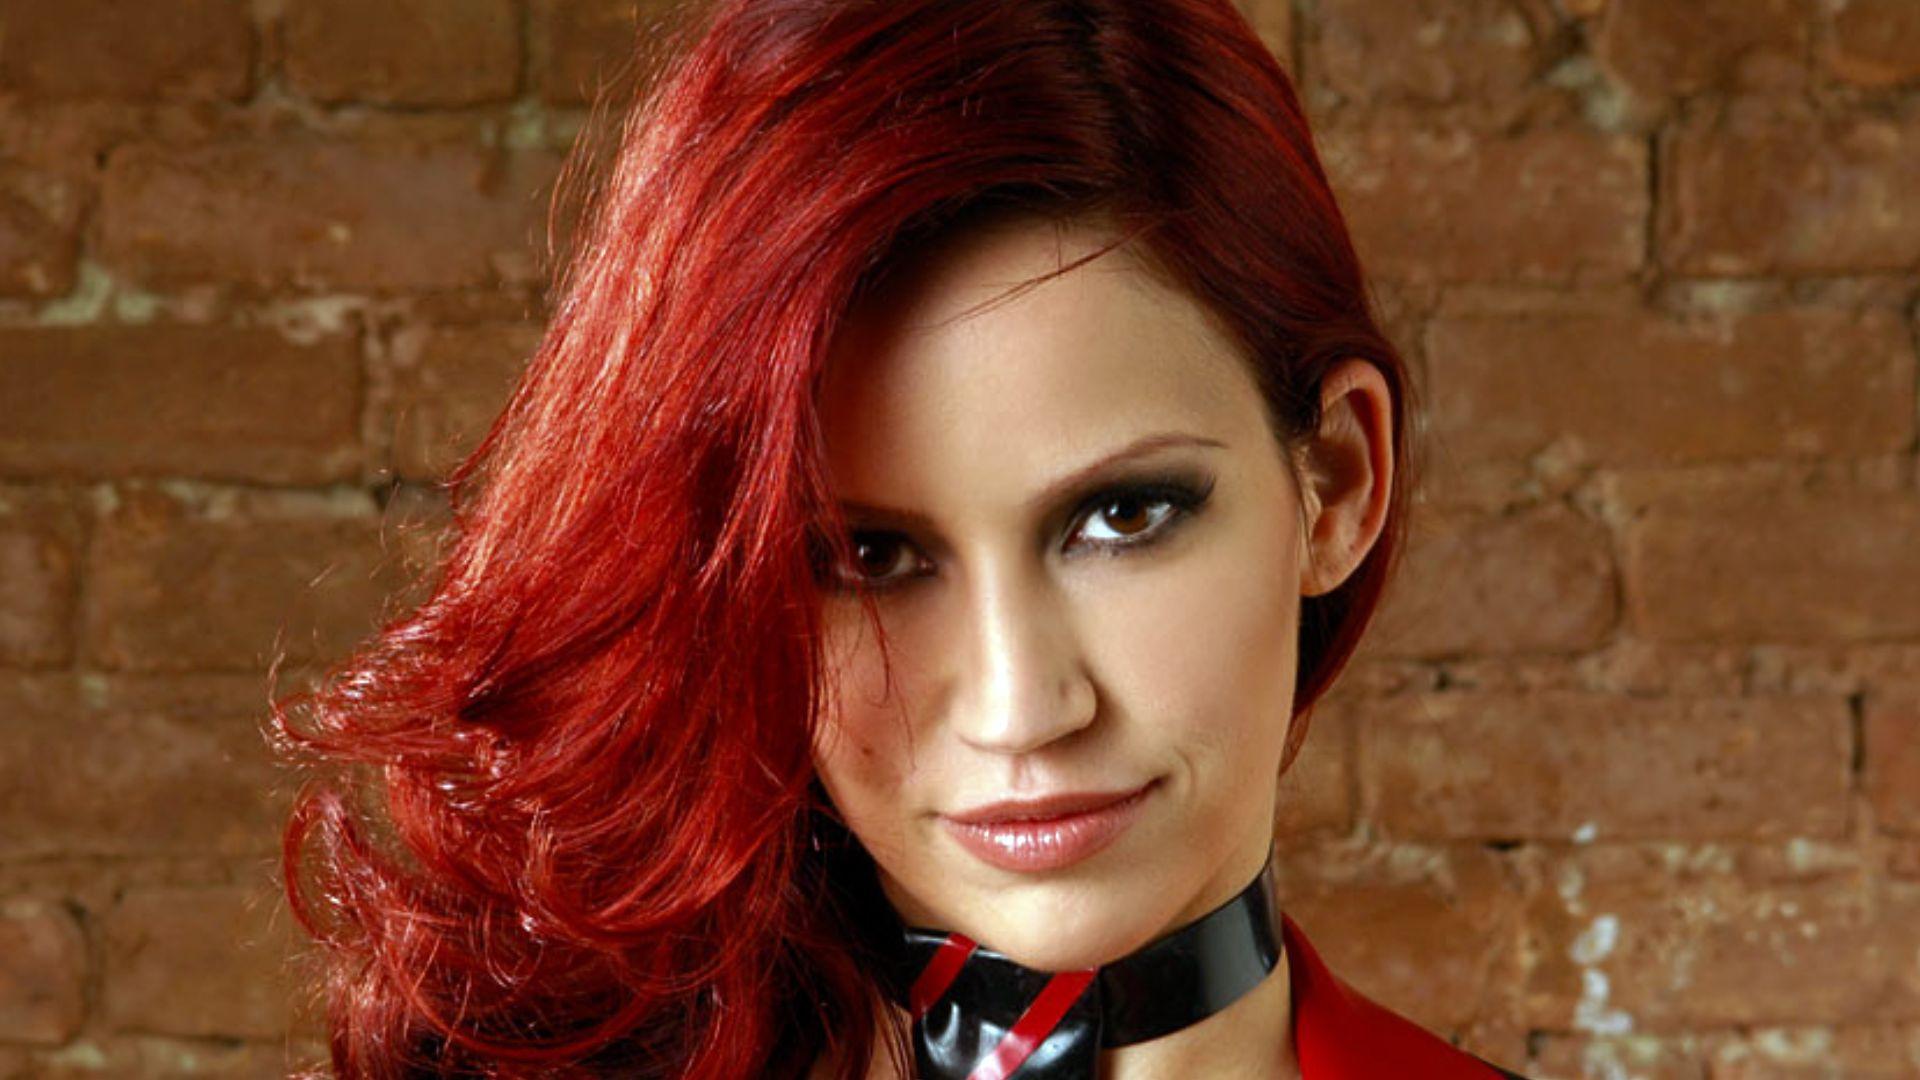 Bianca Beauchamp xxx image #50042